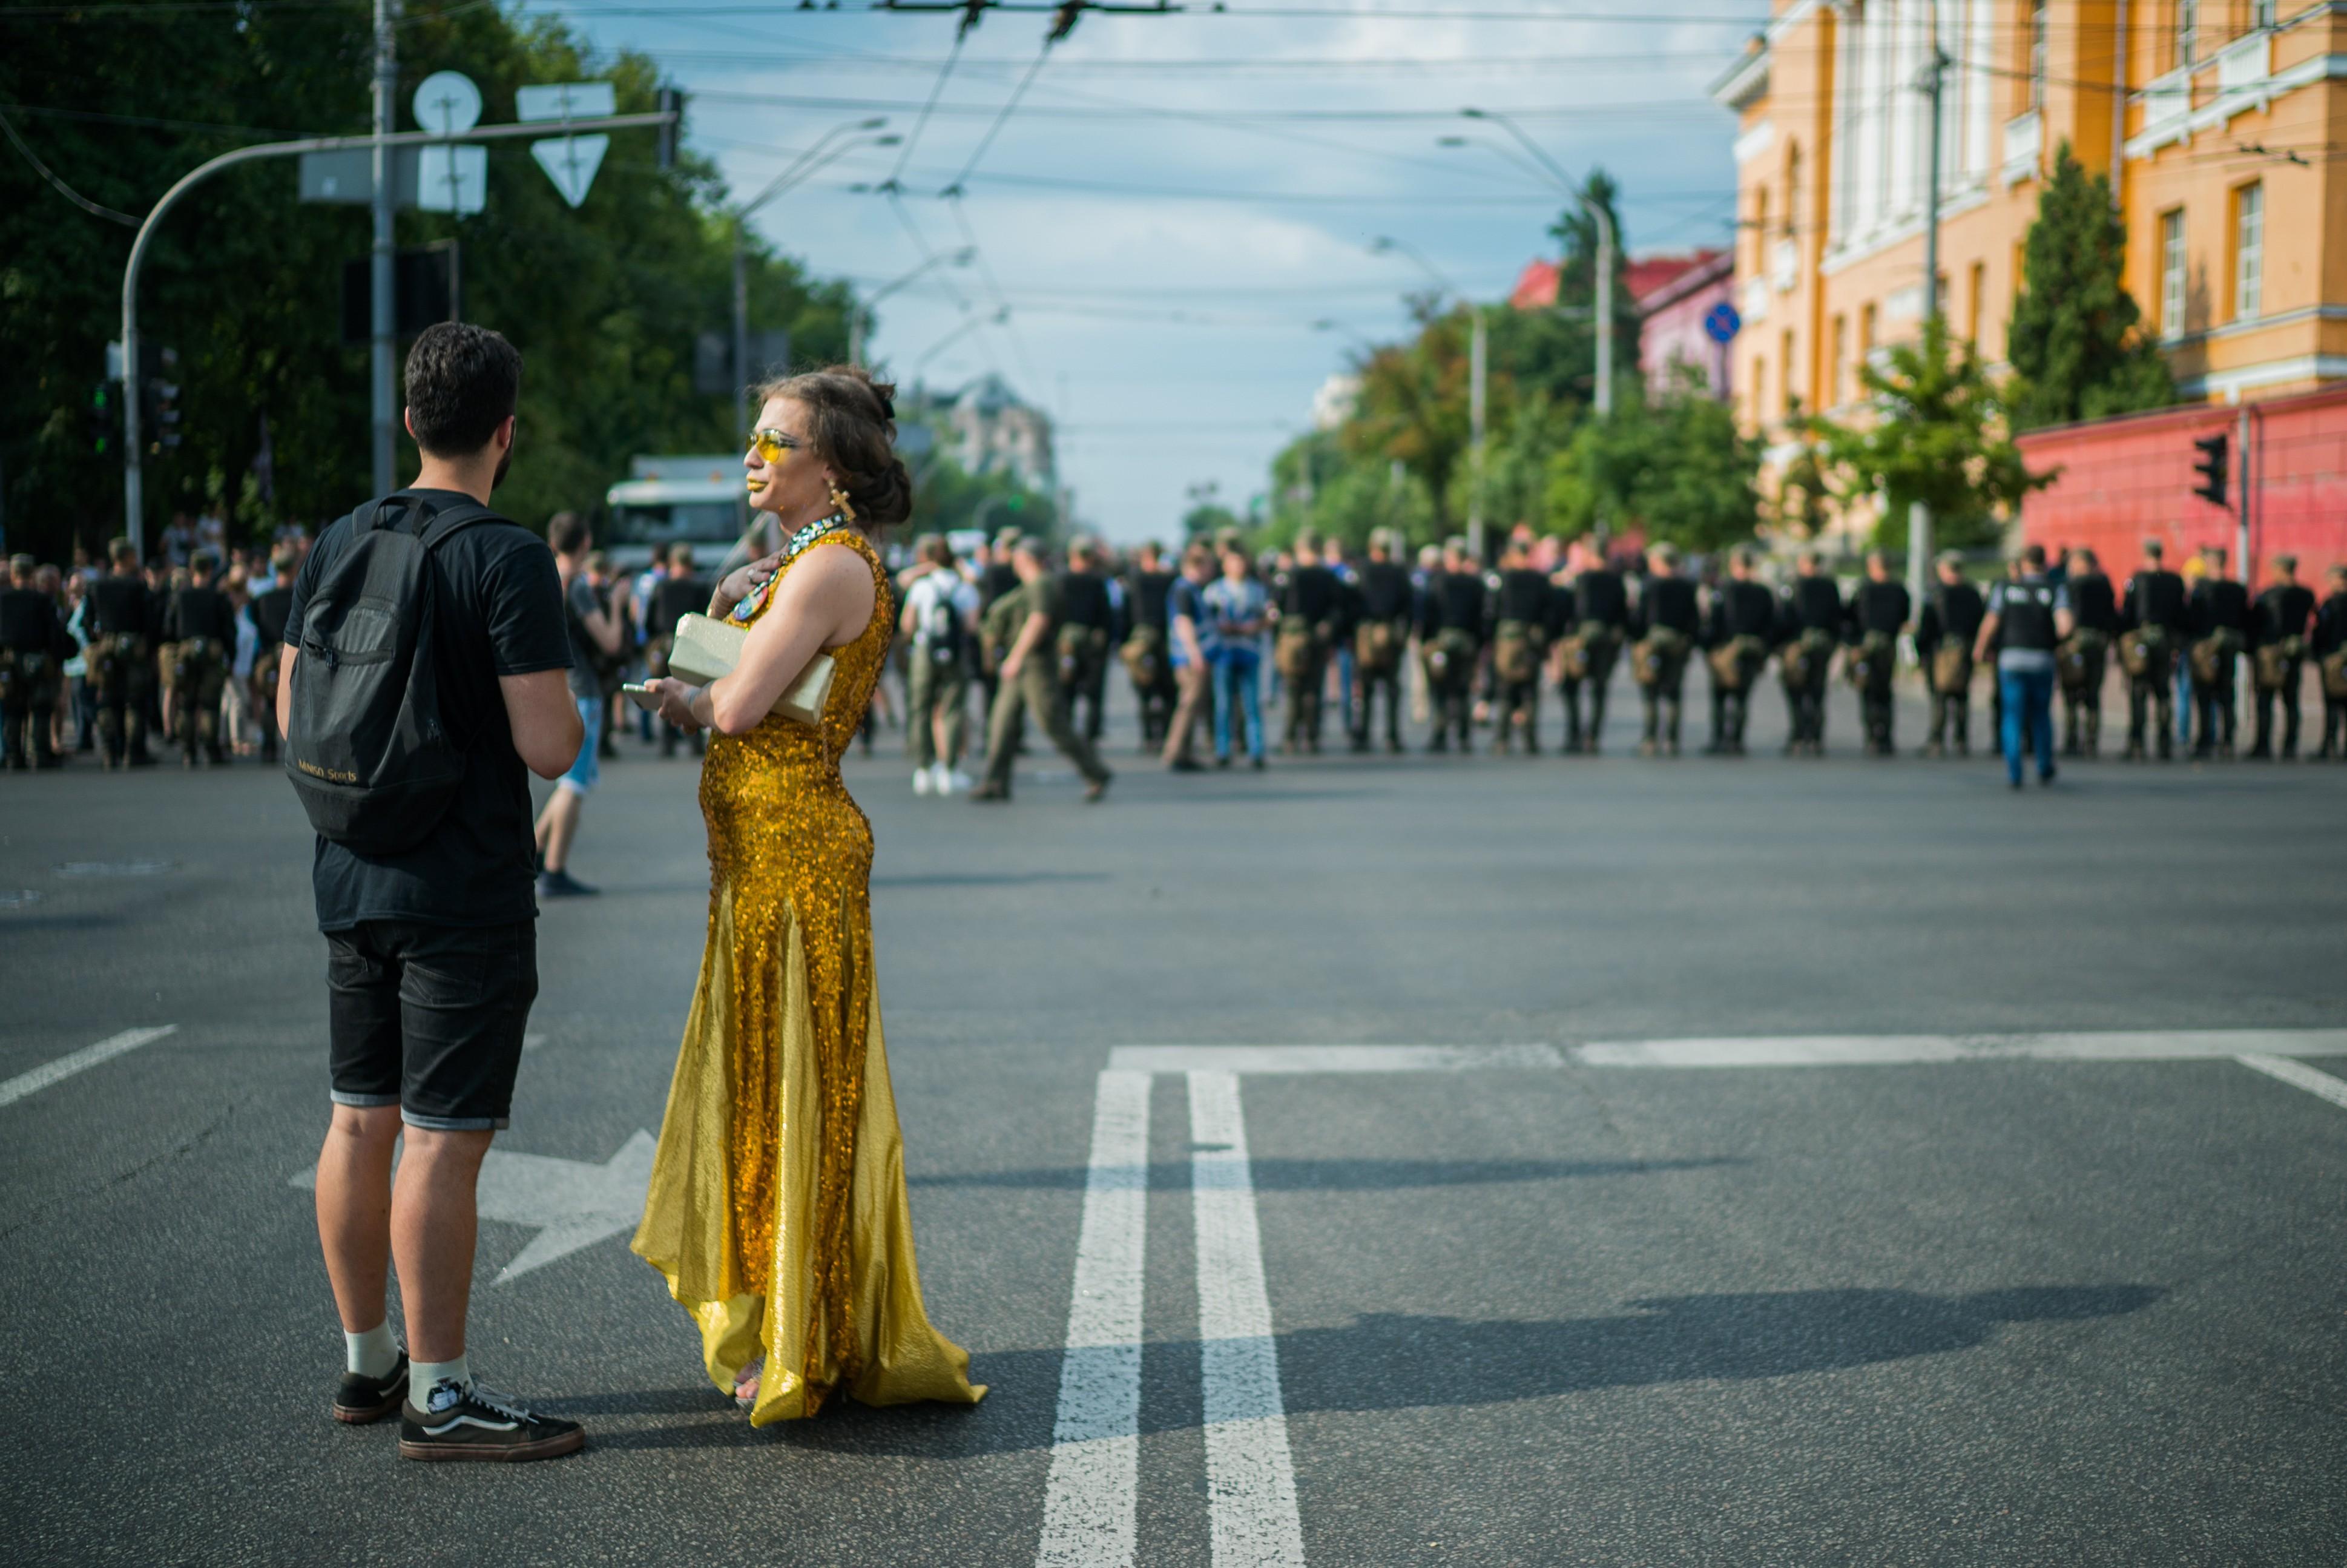 KyivPride 2019